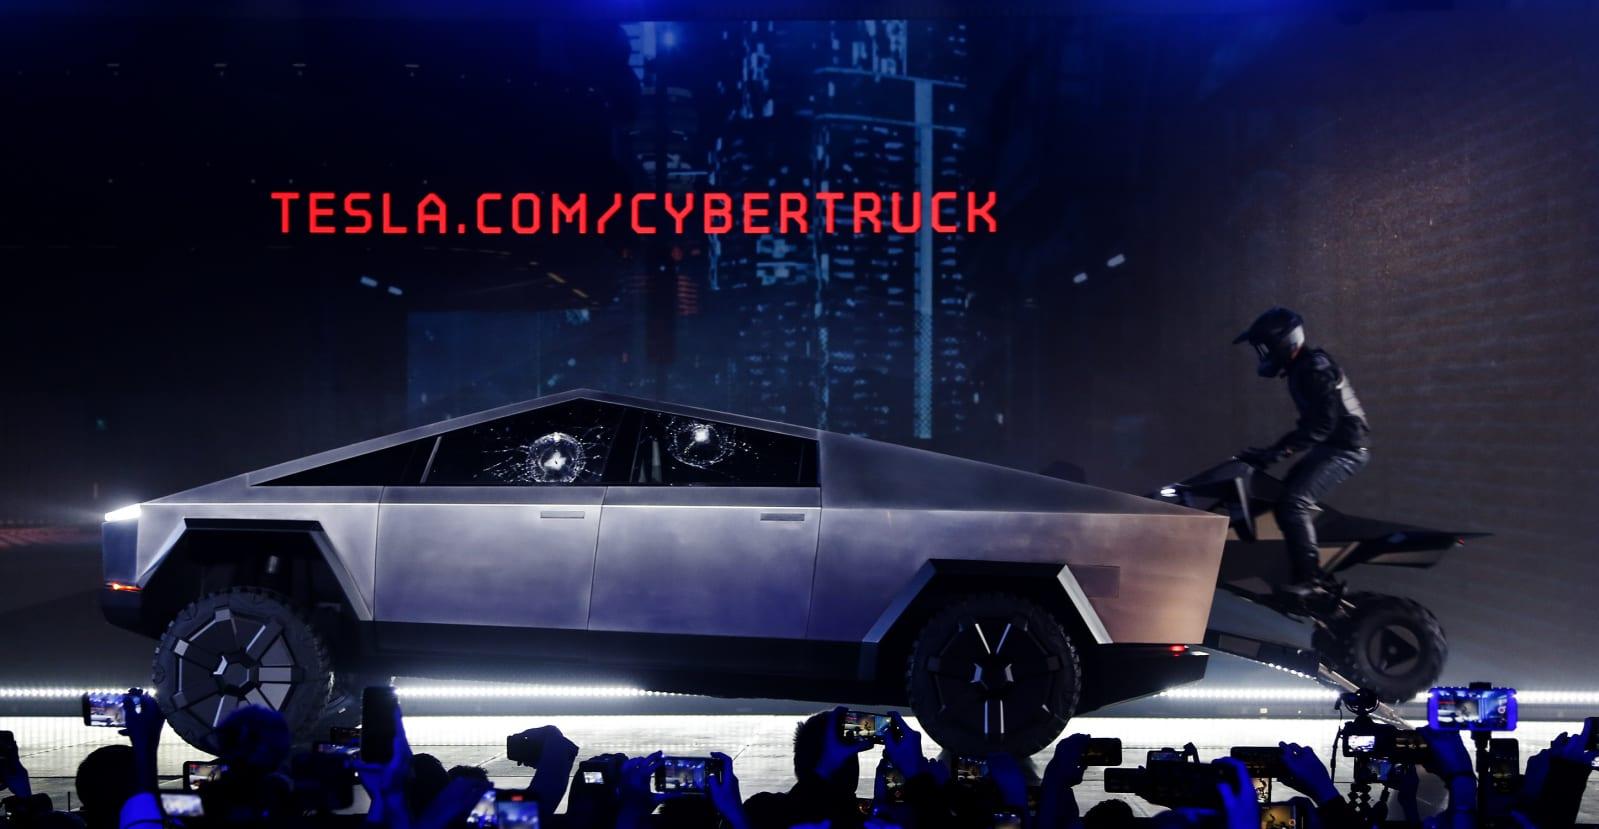 特斯拉 Cybertruck 獲得了 14 萬張首日預購單 1